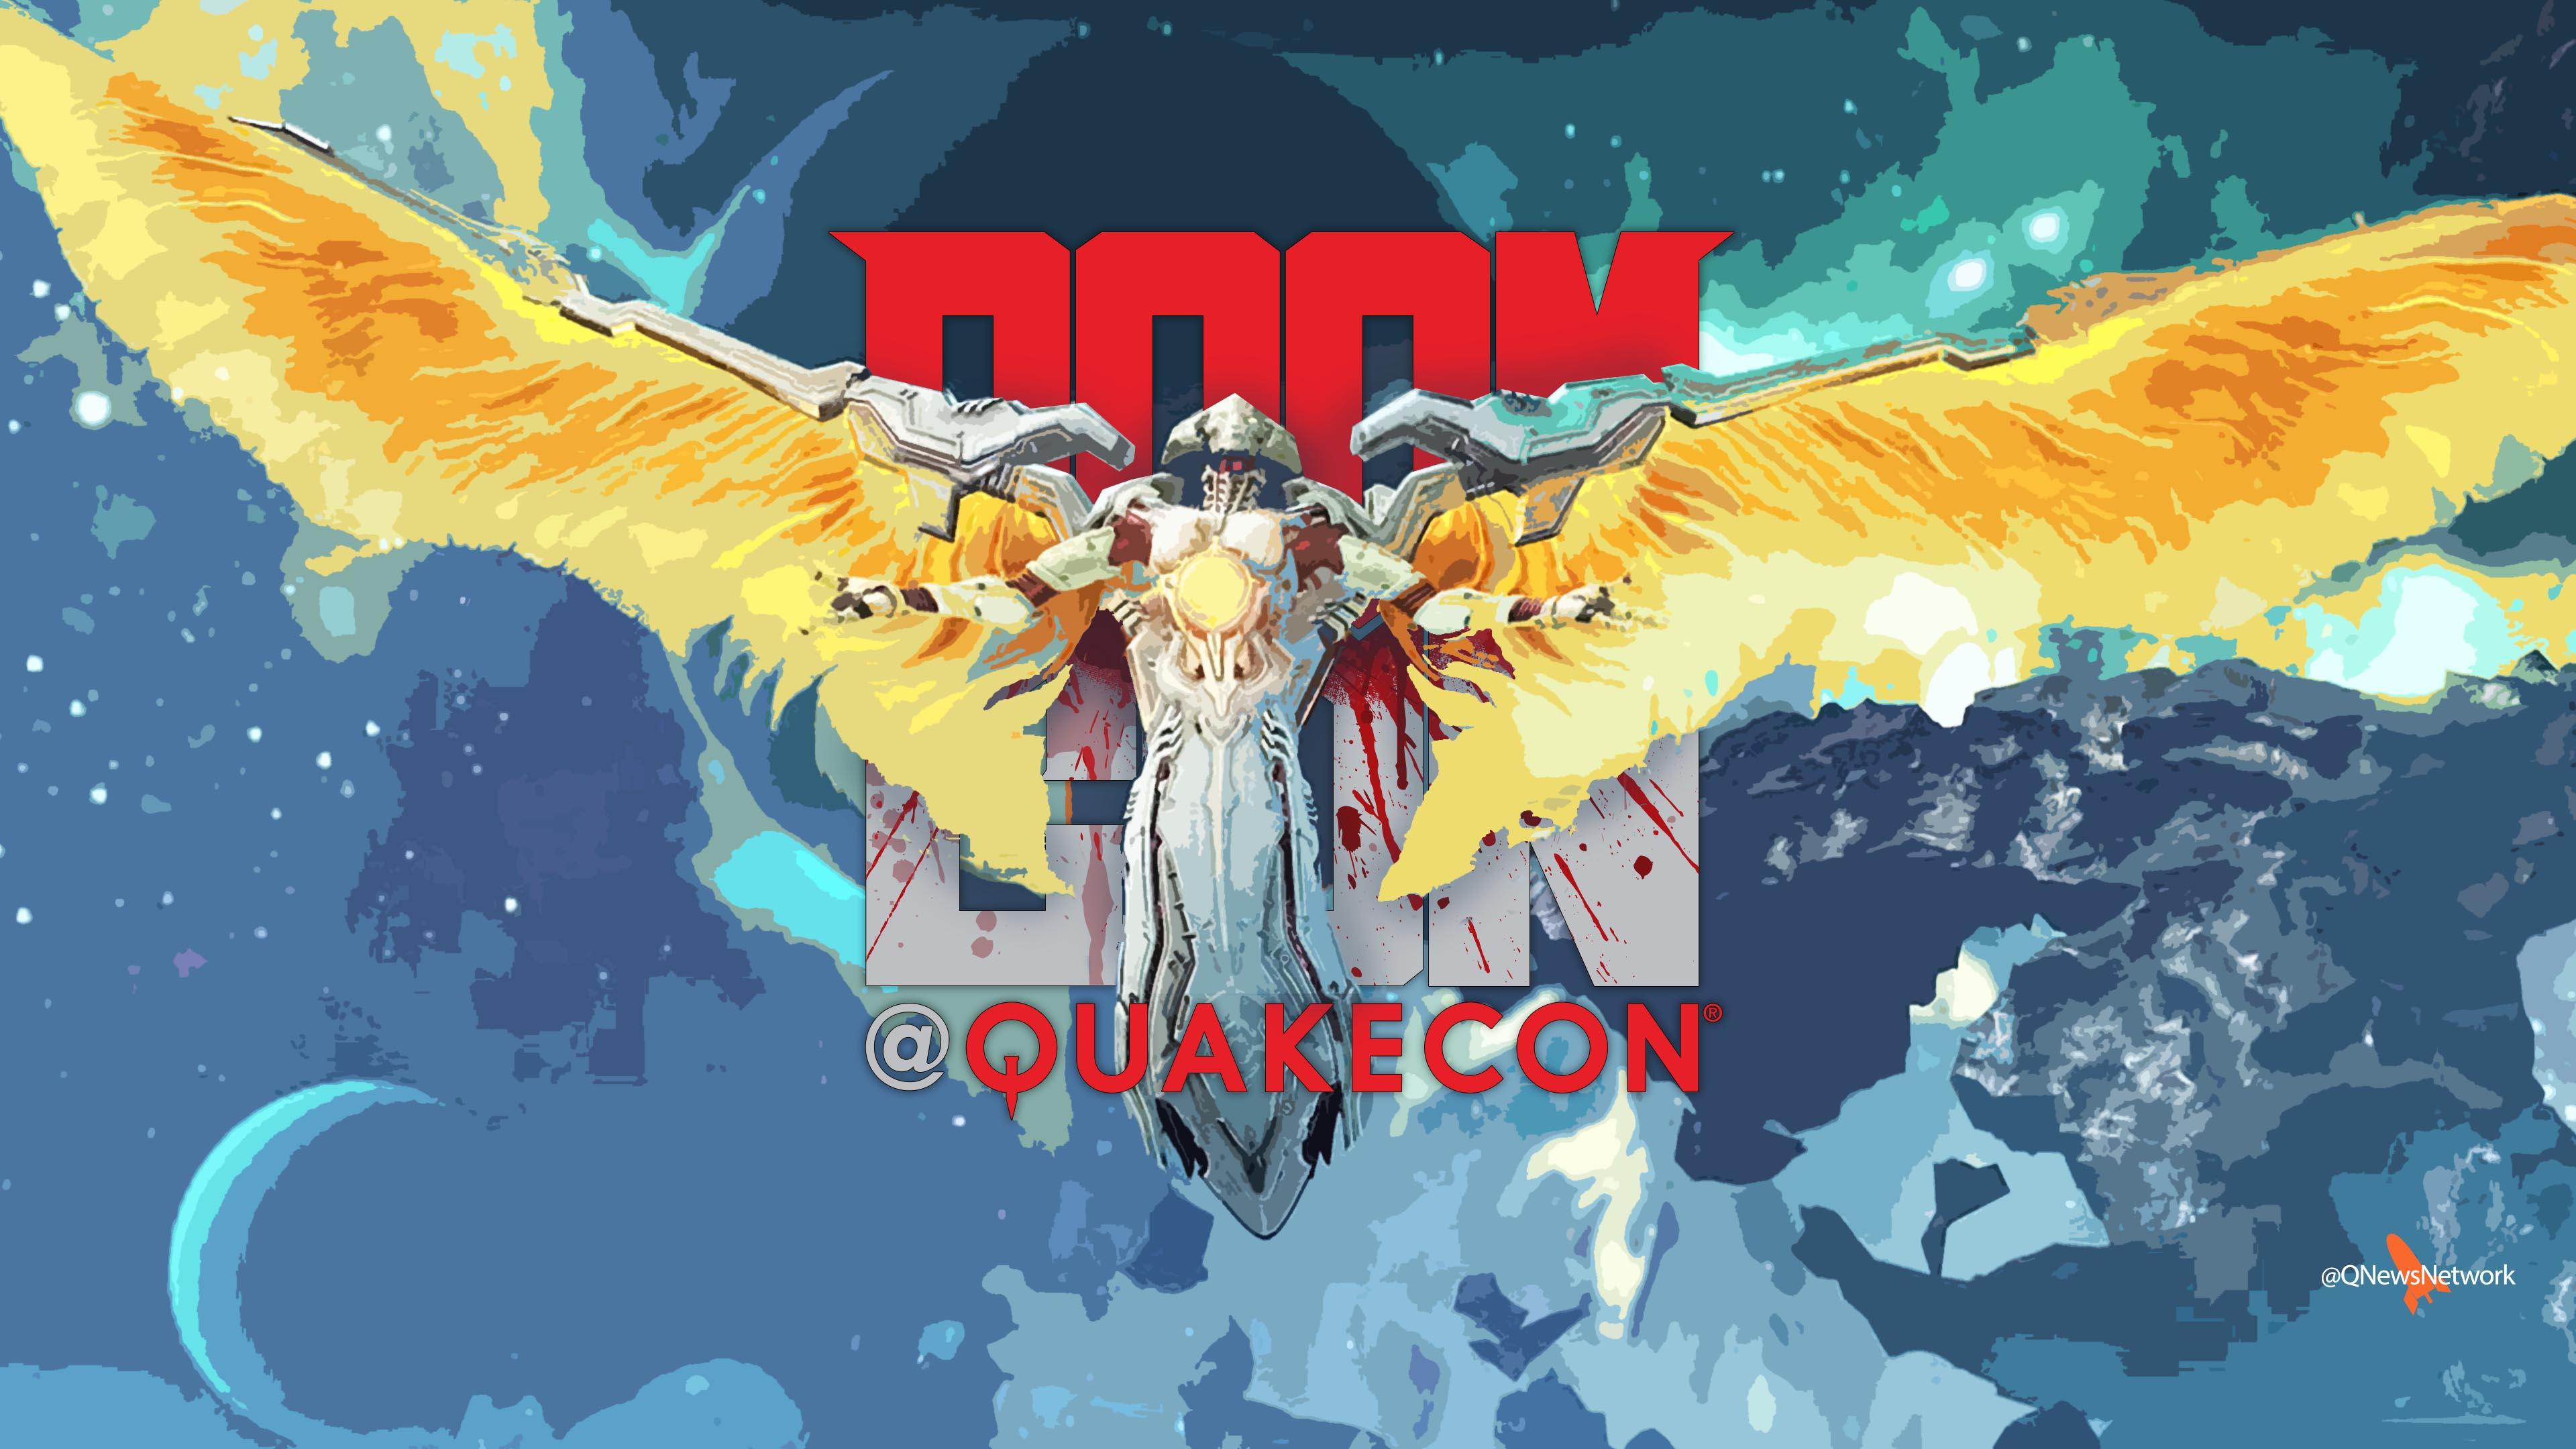 Doomcon wallpaper - Kahn Makyr